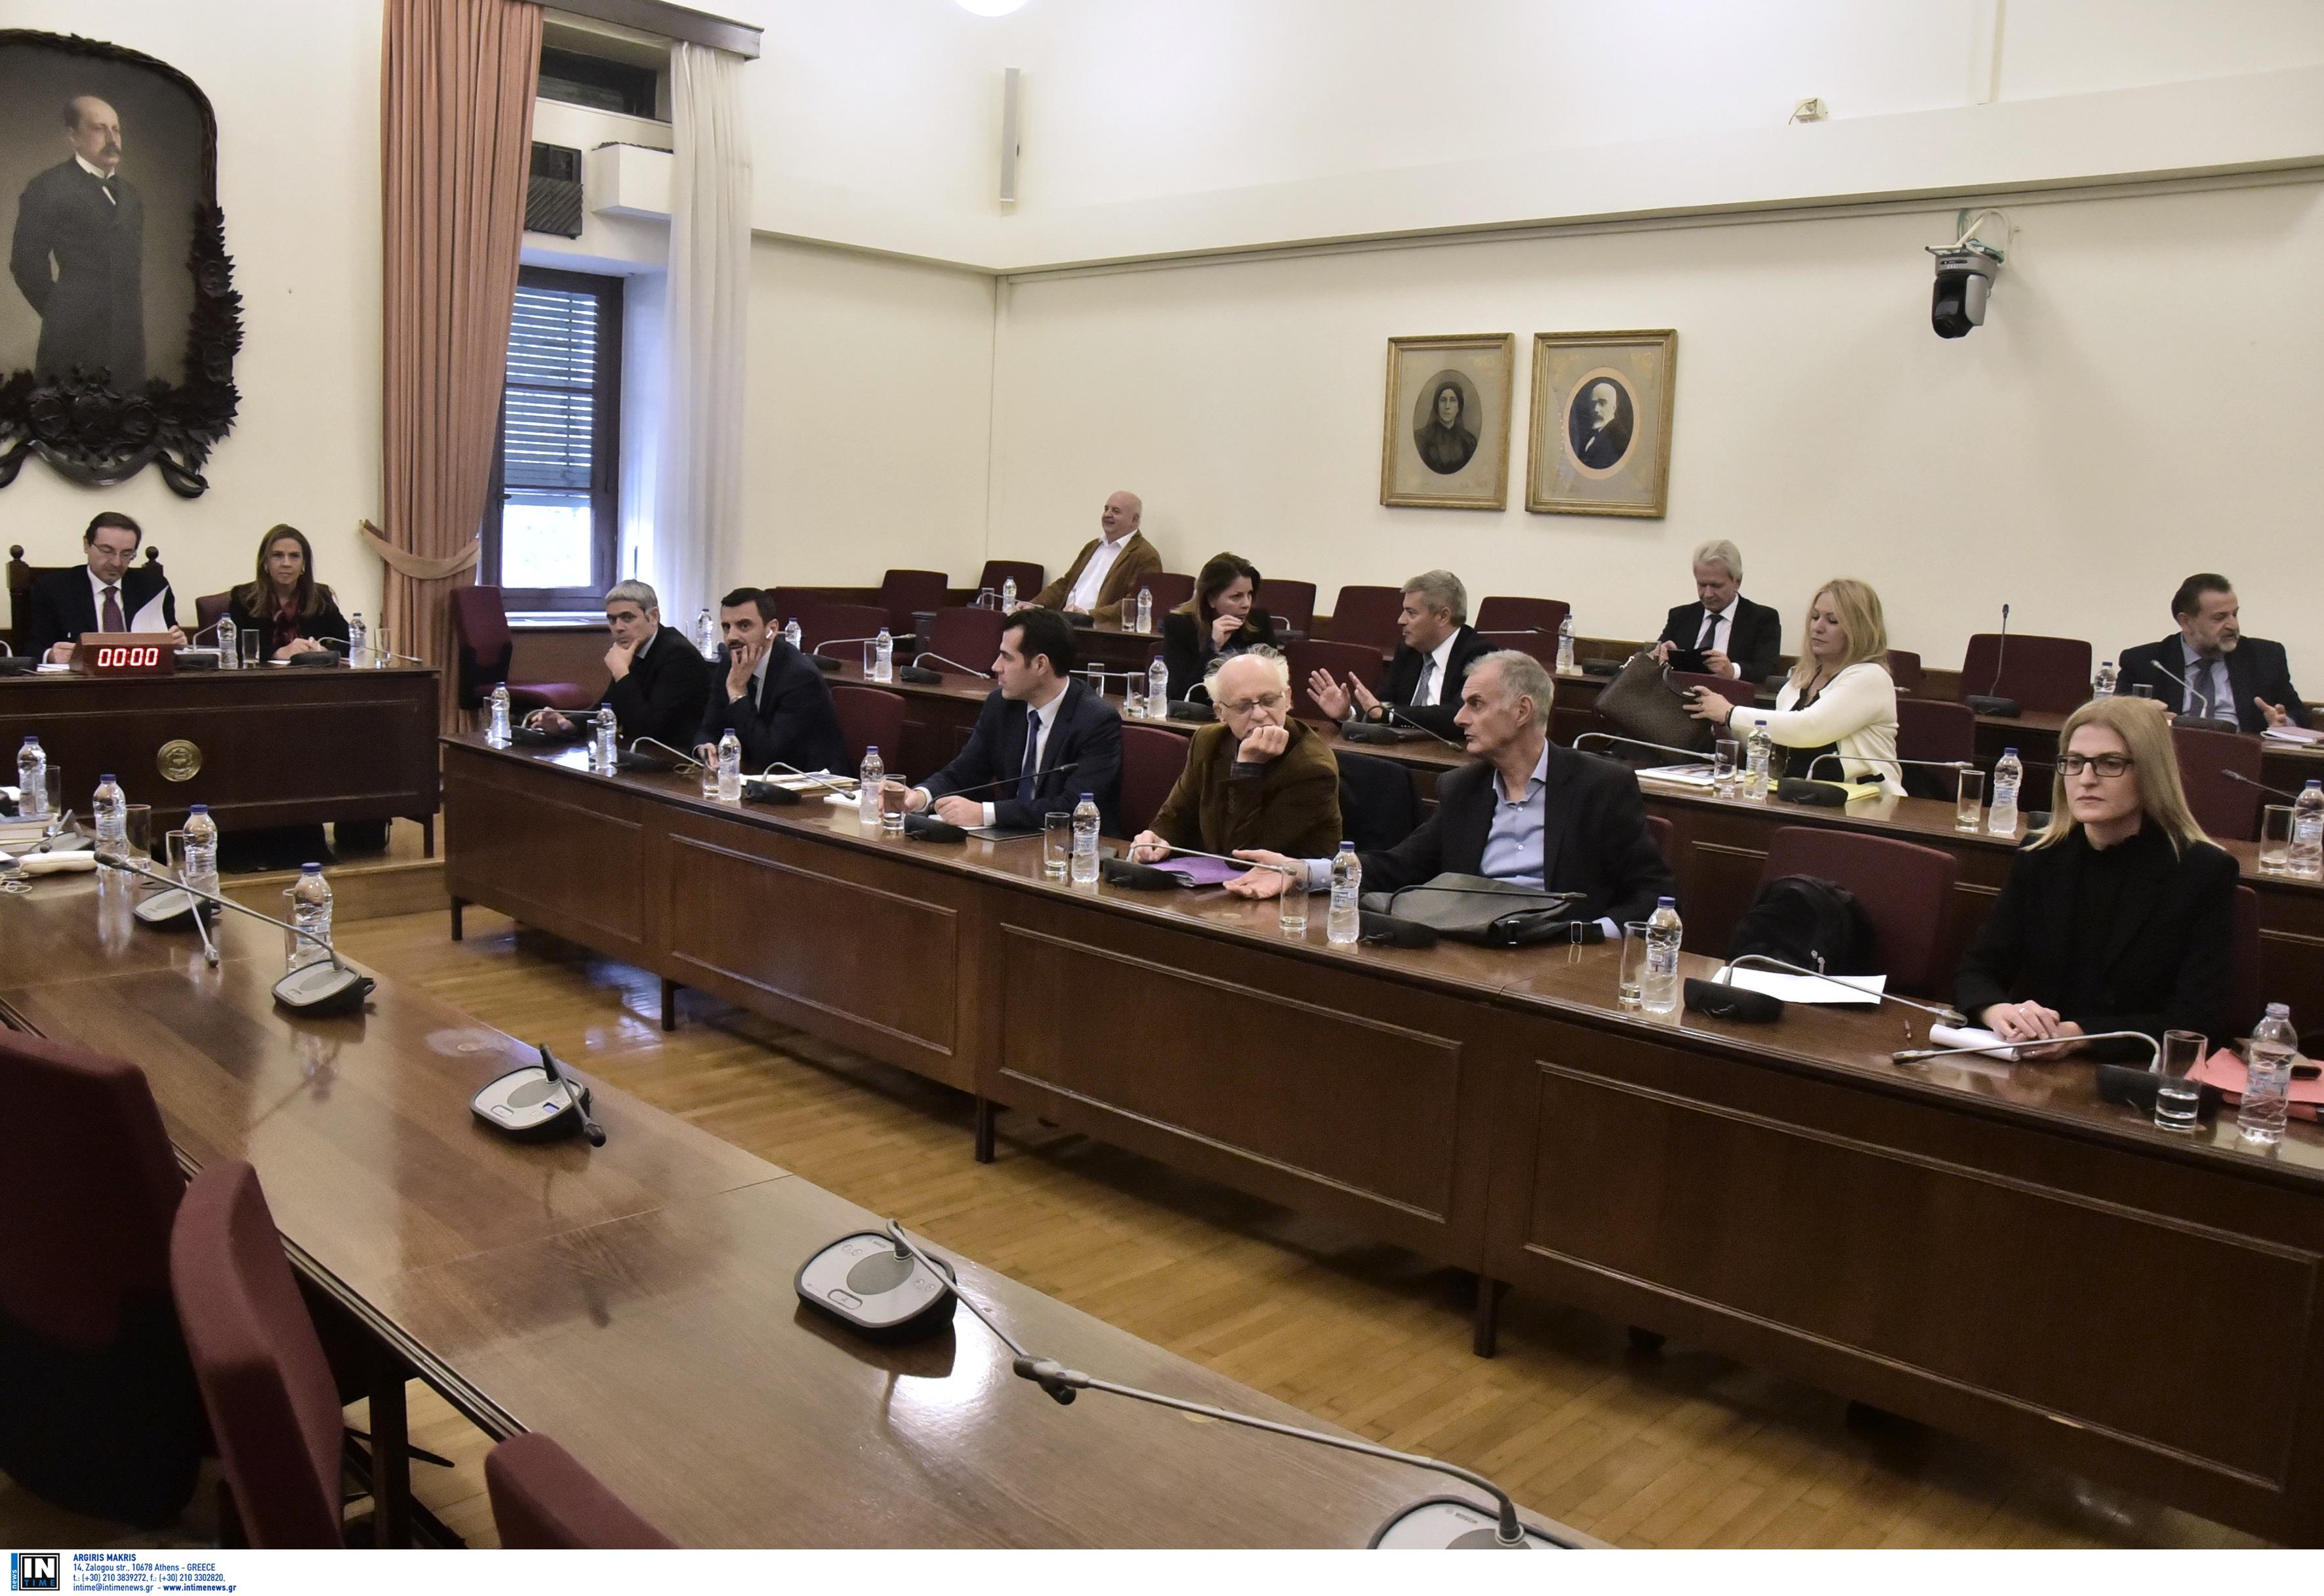 Η Ράικου επιμένει ότι ο Παπαγγελόπουλος της ζητούσε να κατασκευάσει στοιχεία για πολιτικούς